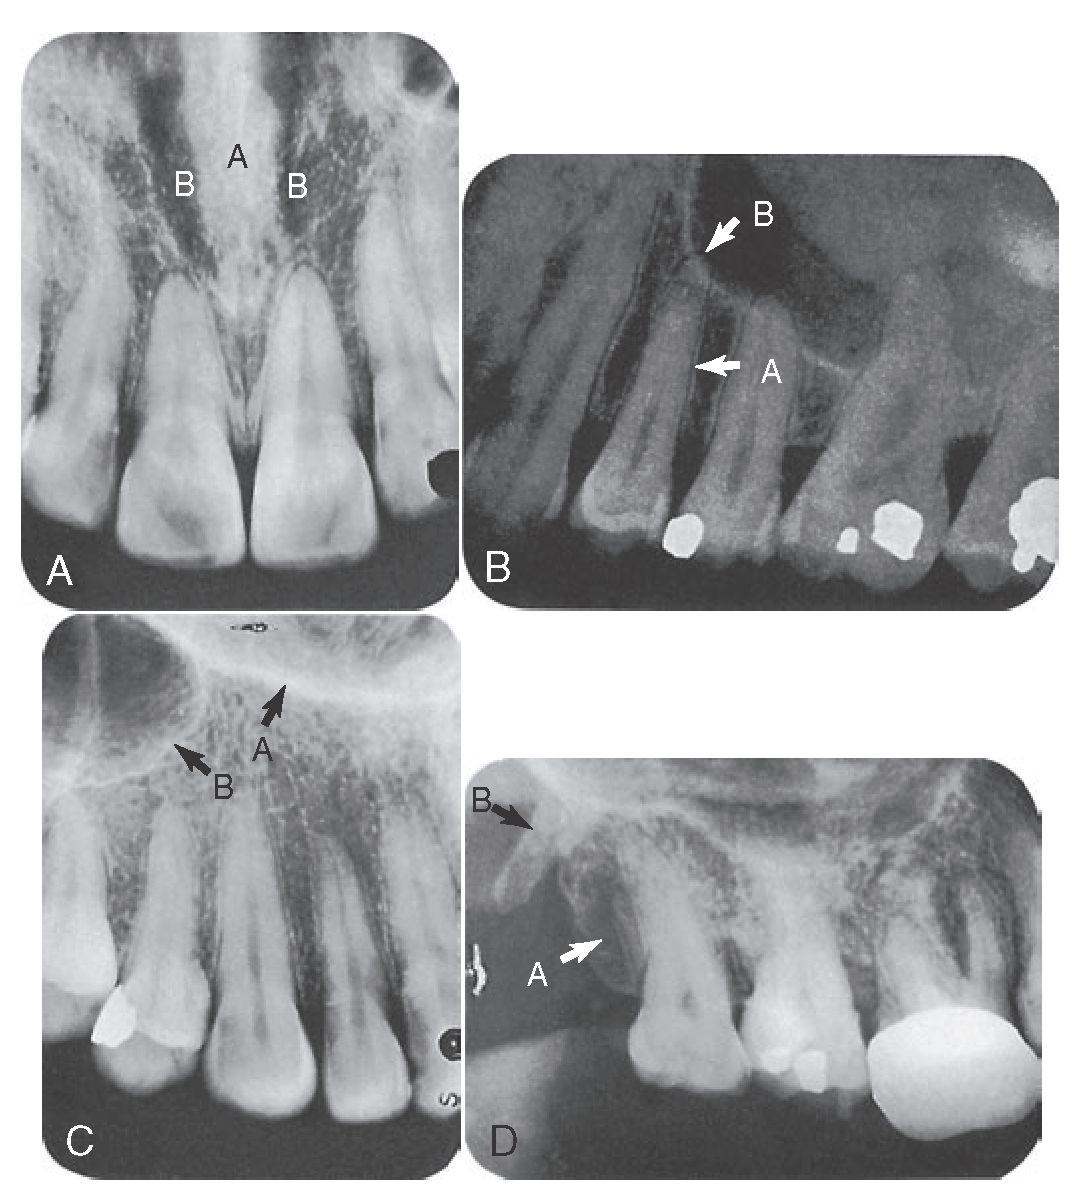 Nasal Septum Radiograph The Nasal Septum a And